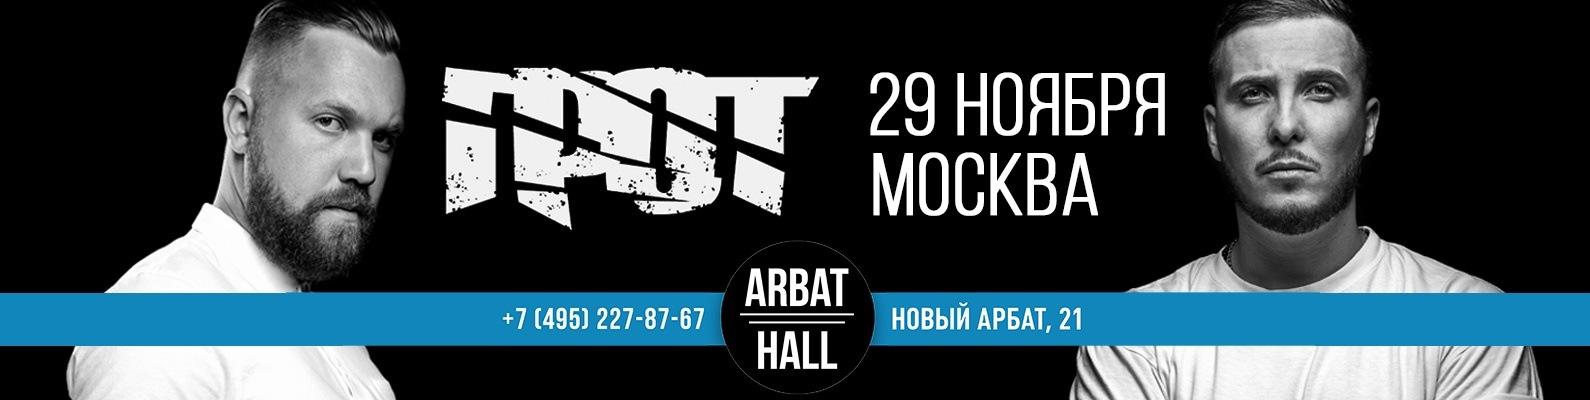 Билеты на концерт грот 29 ноября билеты на танцевальное шоу